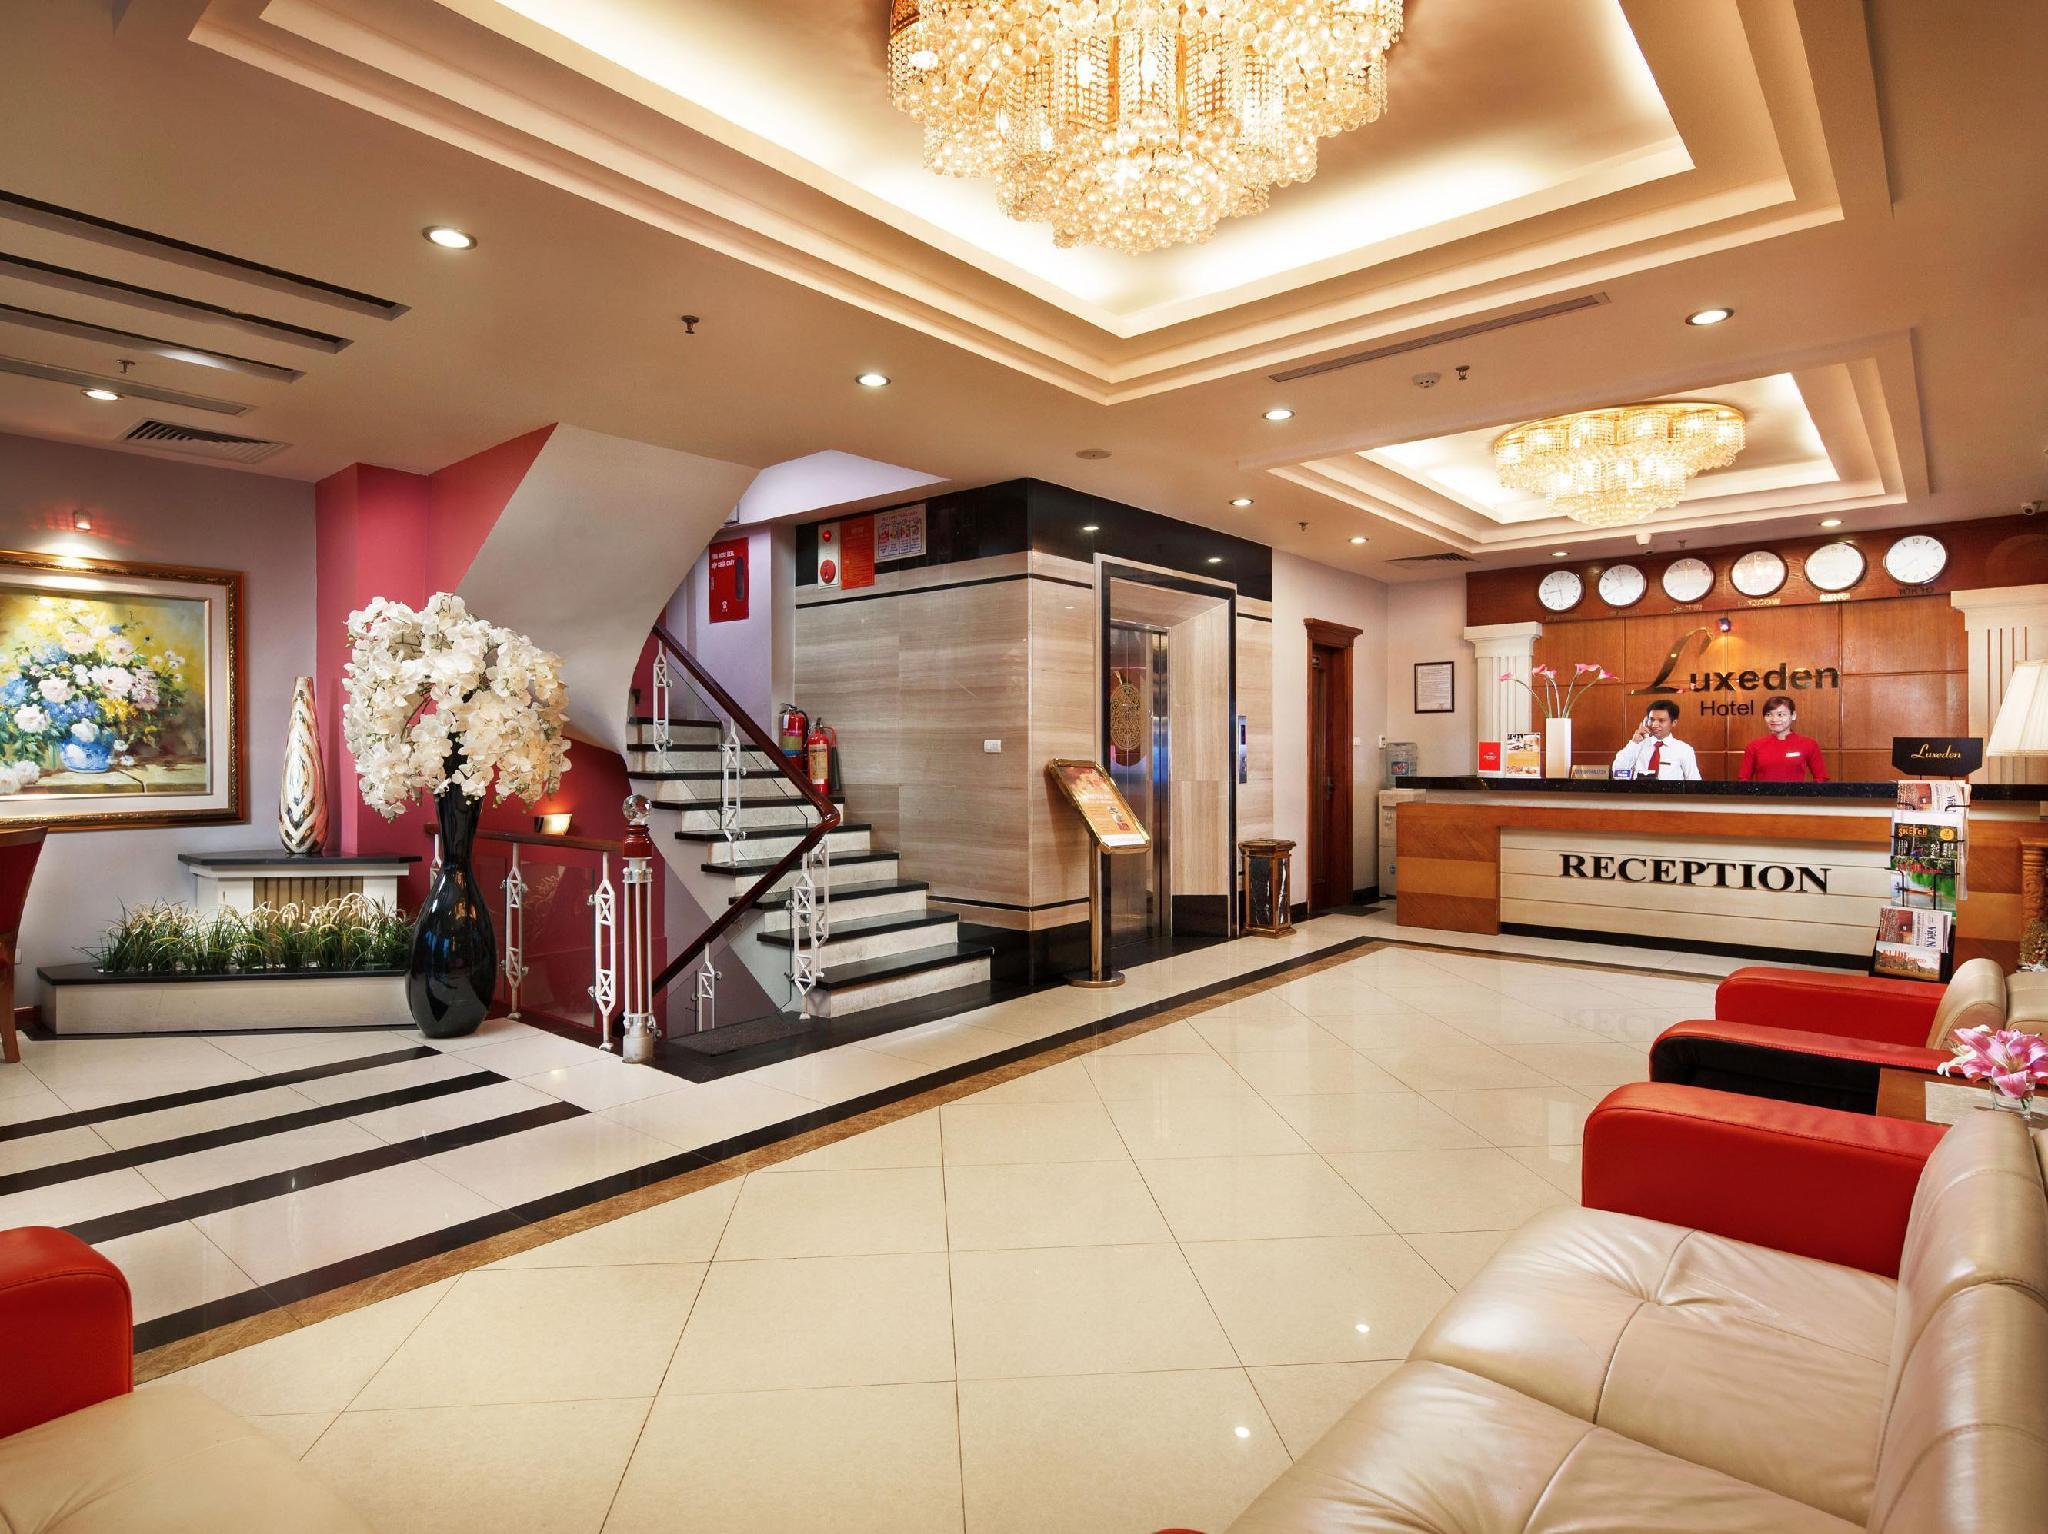 Hotell Luxeden Hotel